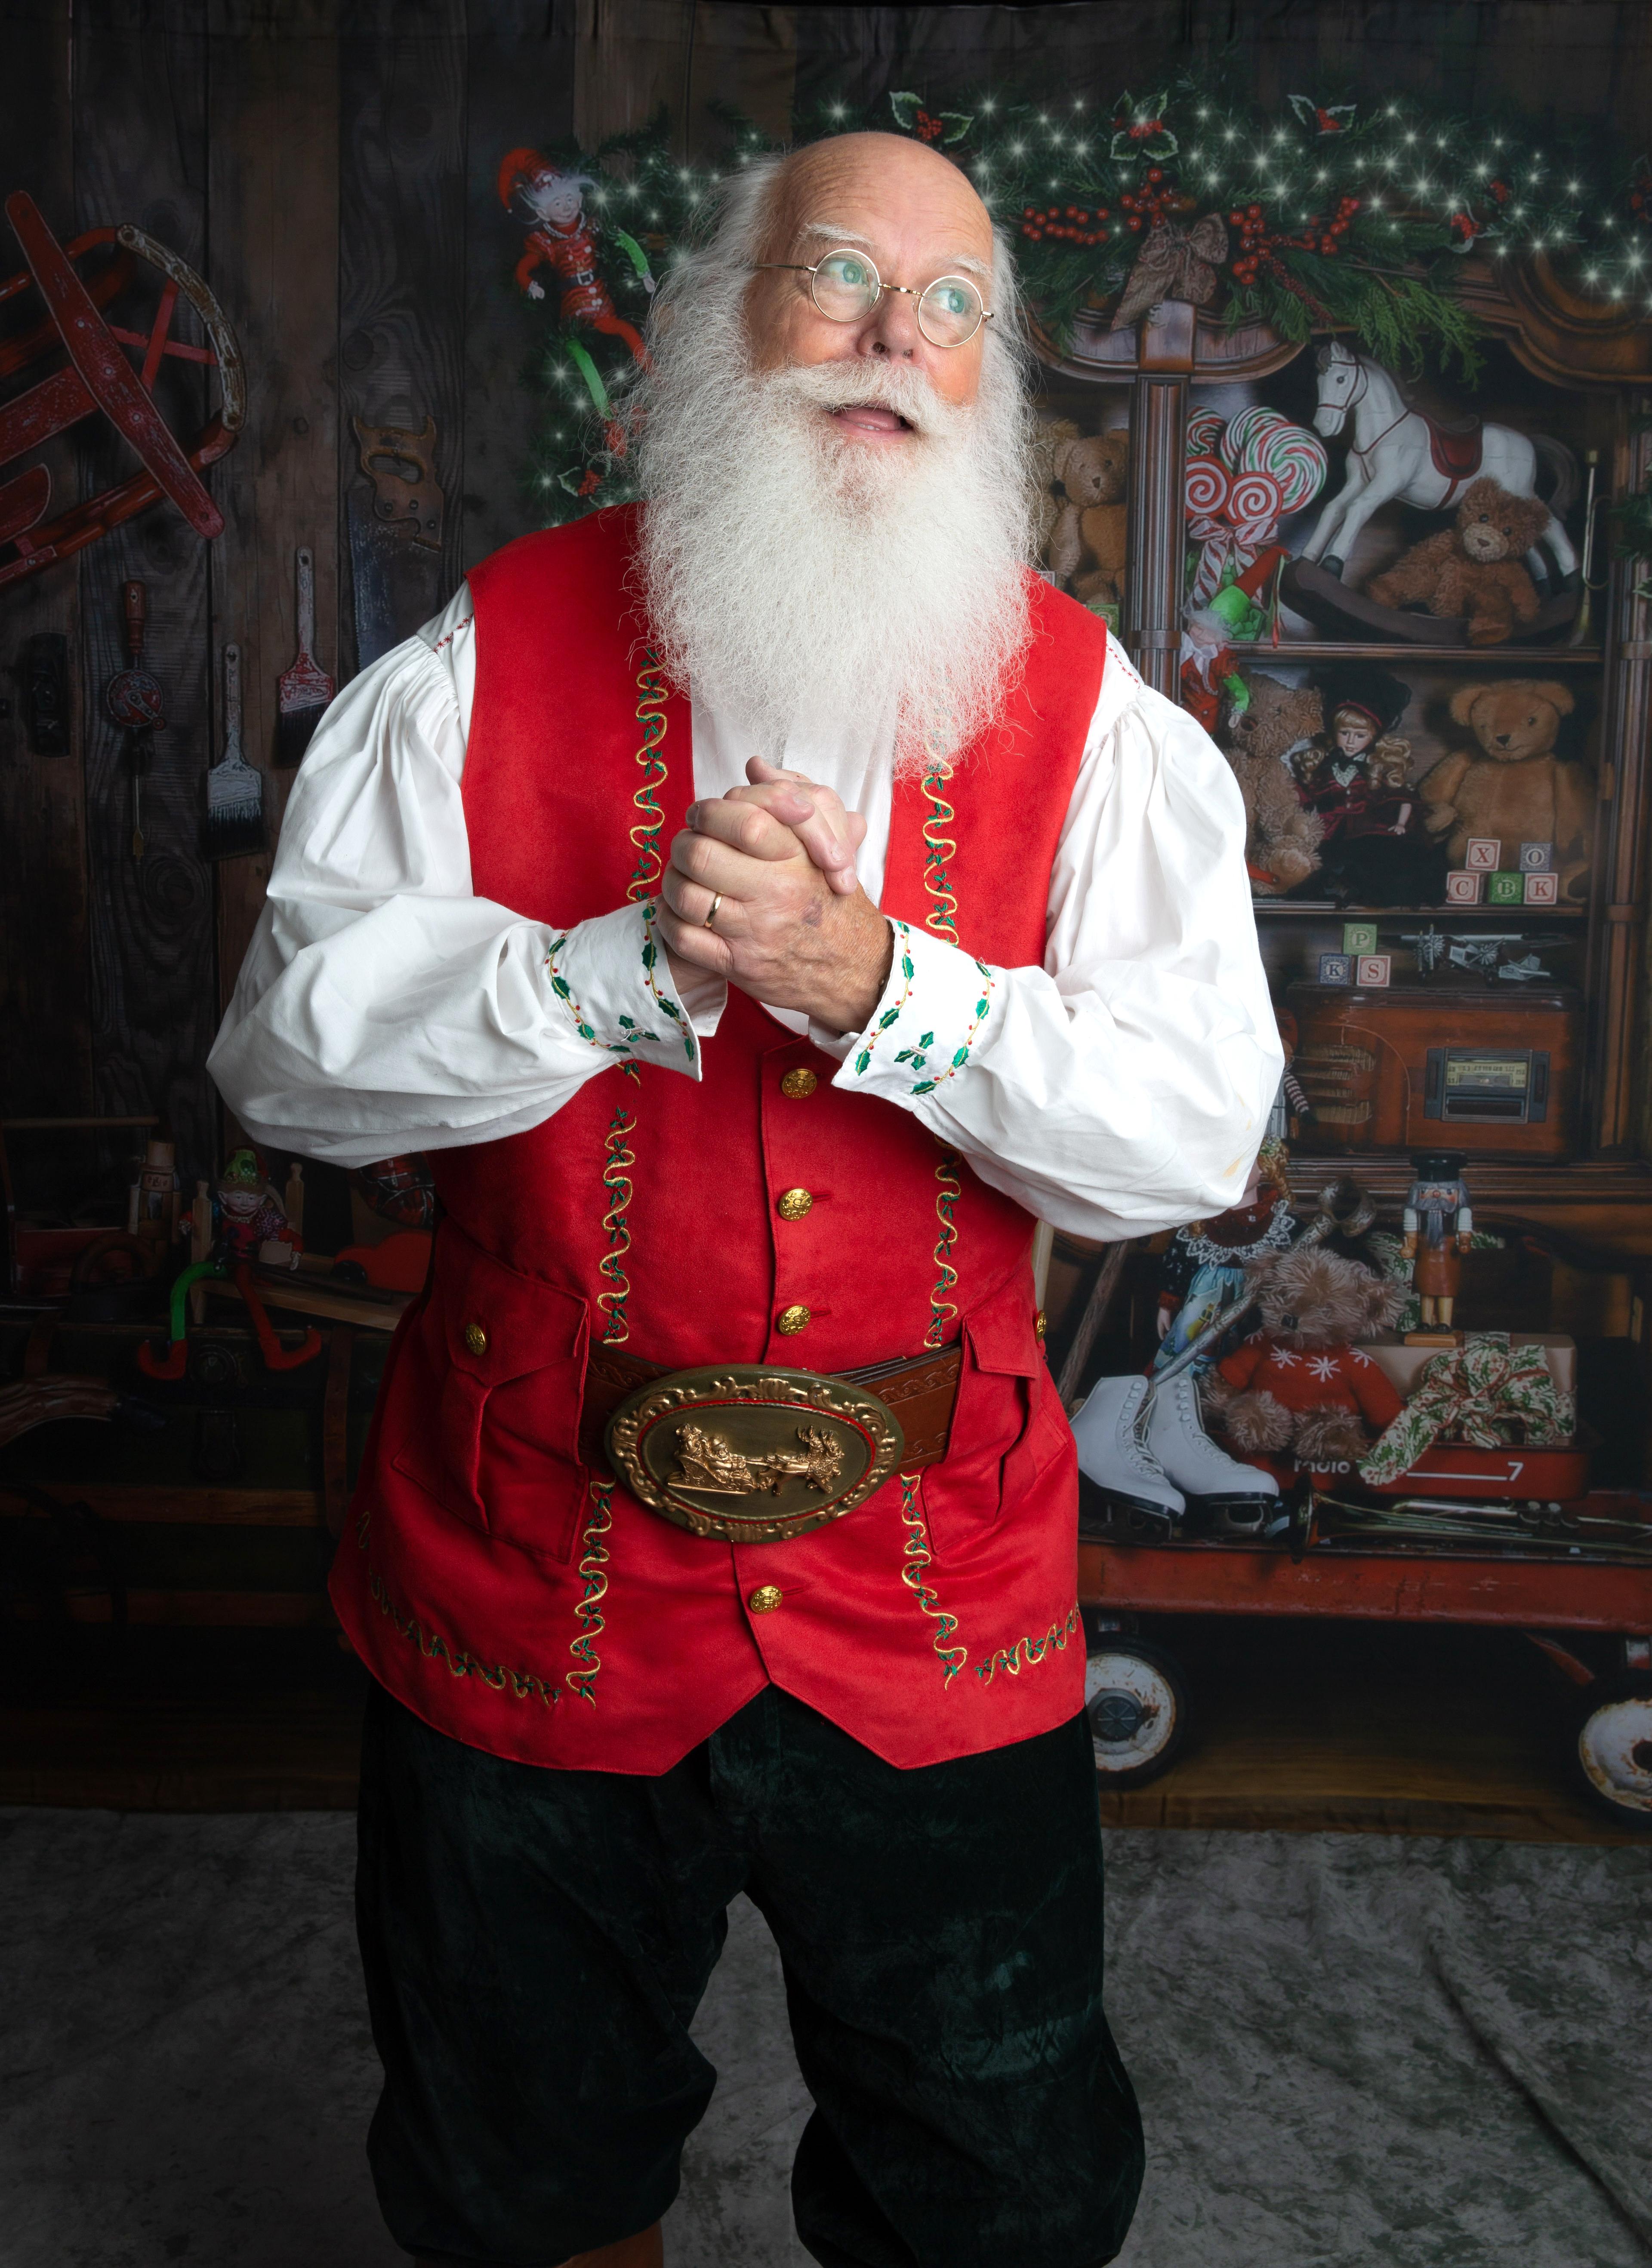 Santa Noel www.allaboutentertainment.com